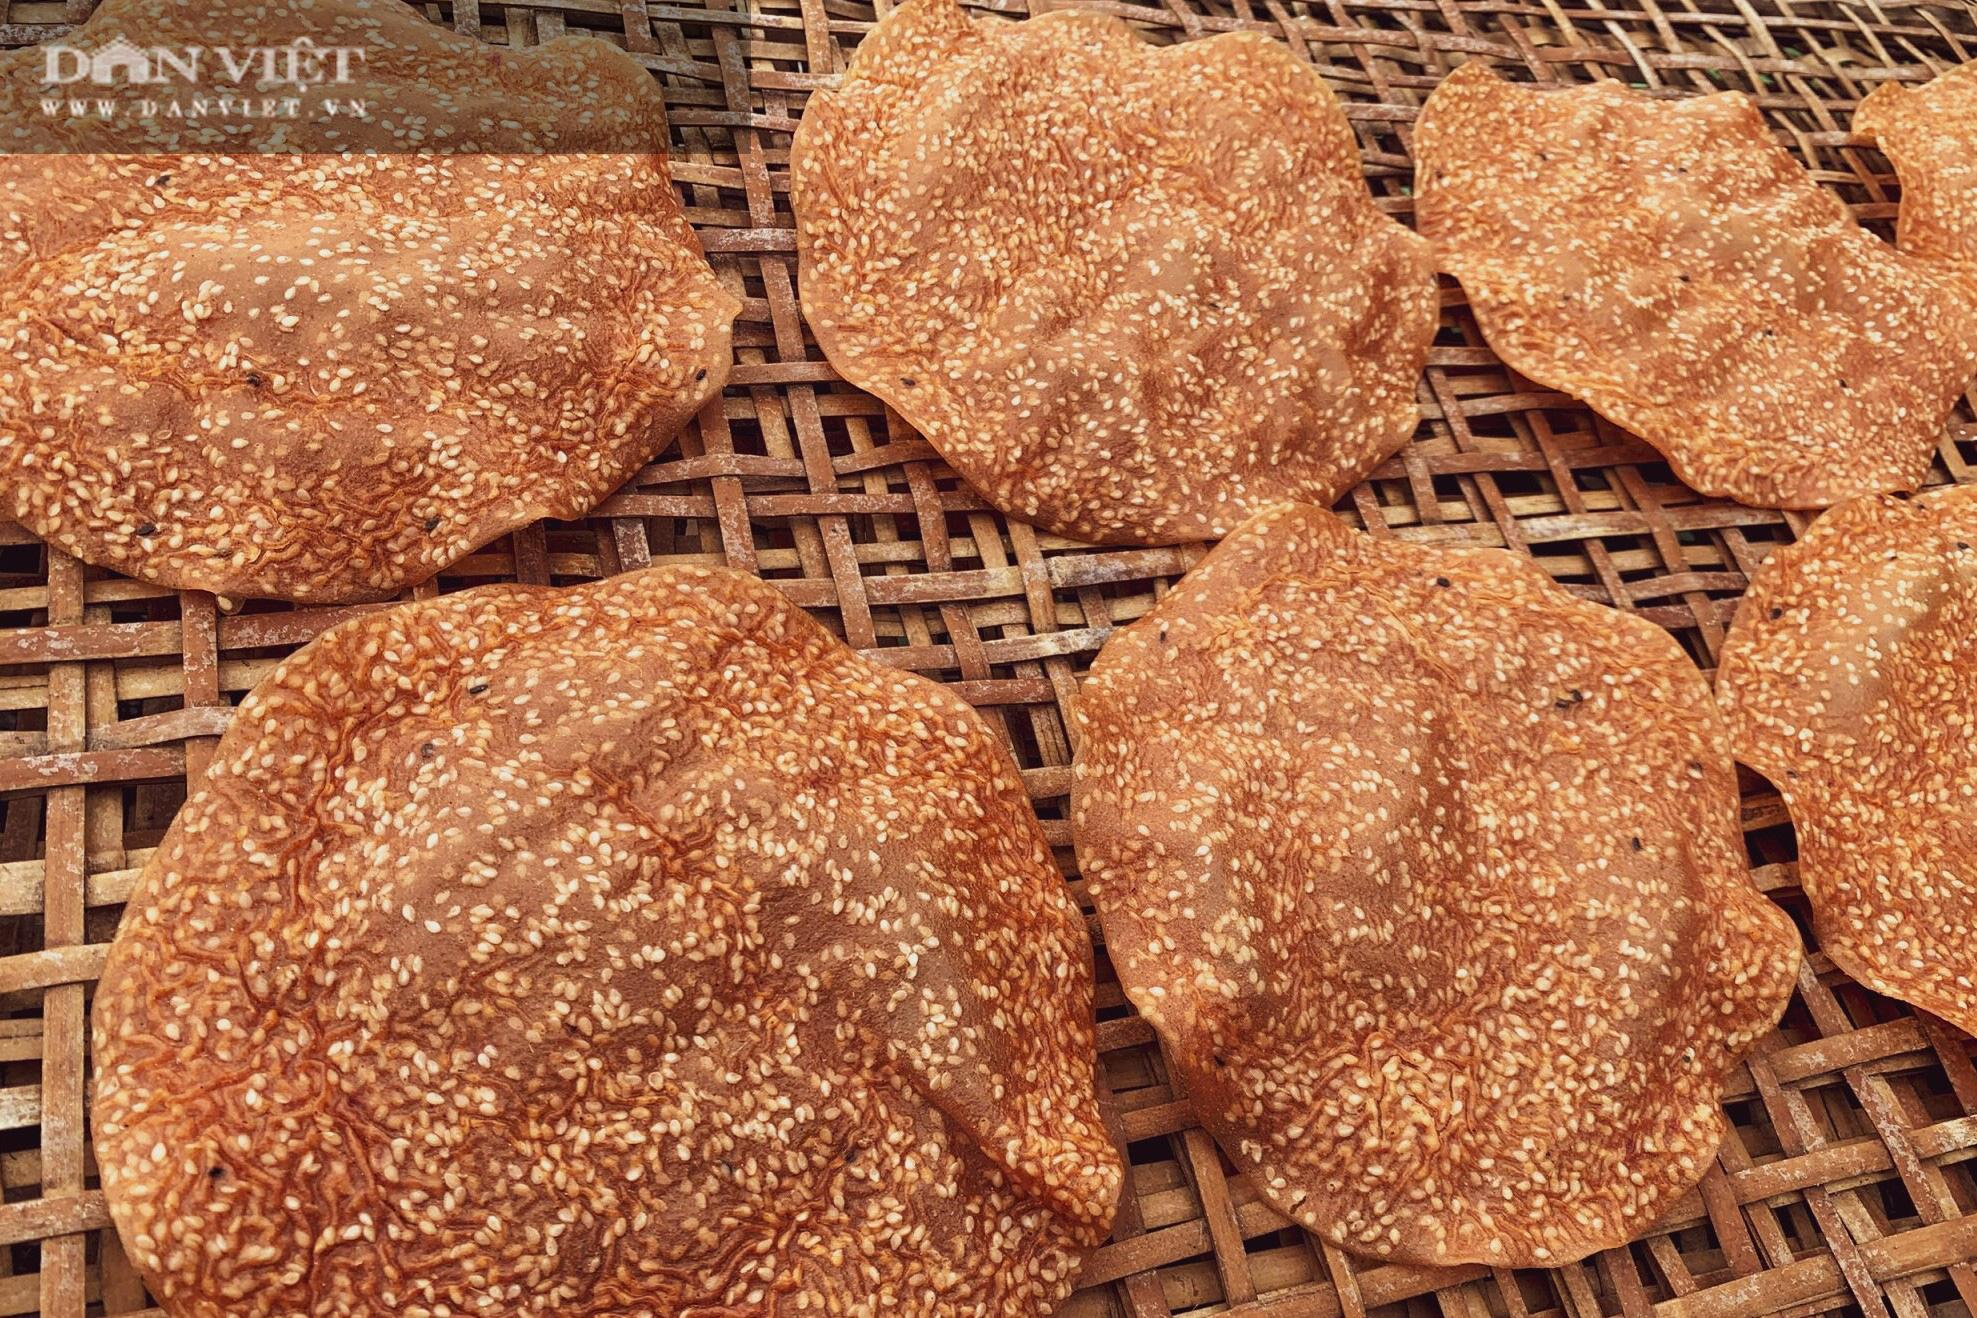 Dân làng Vĩnh Đức dùng tay không làm ra thứ bánh giòn, thơm ngon, có nhà kiếm cả triệu mỗi ngày - Ảnh 5.